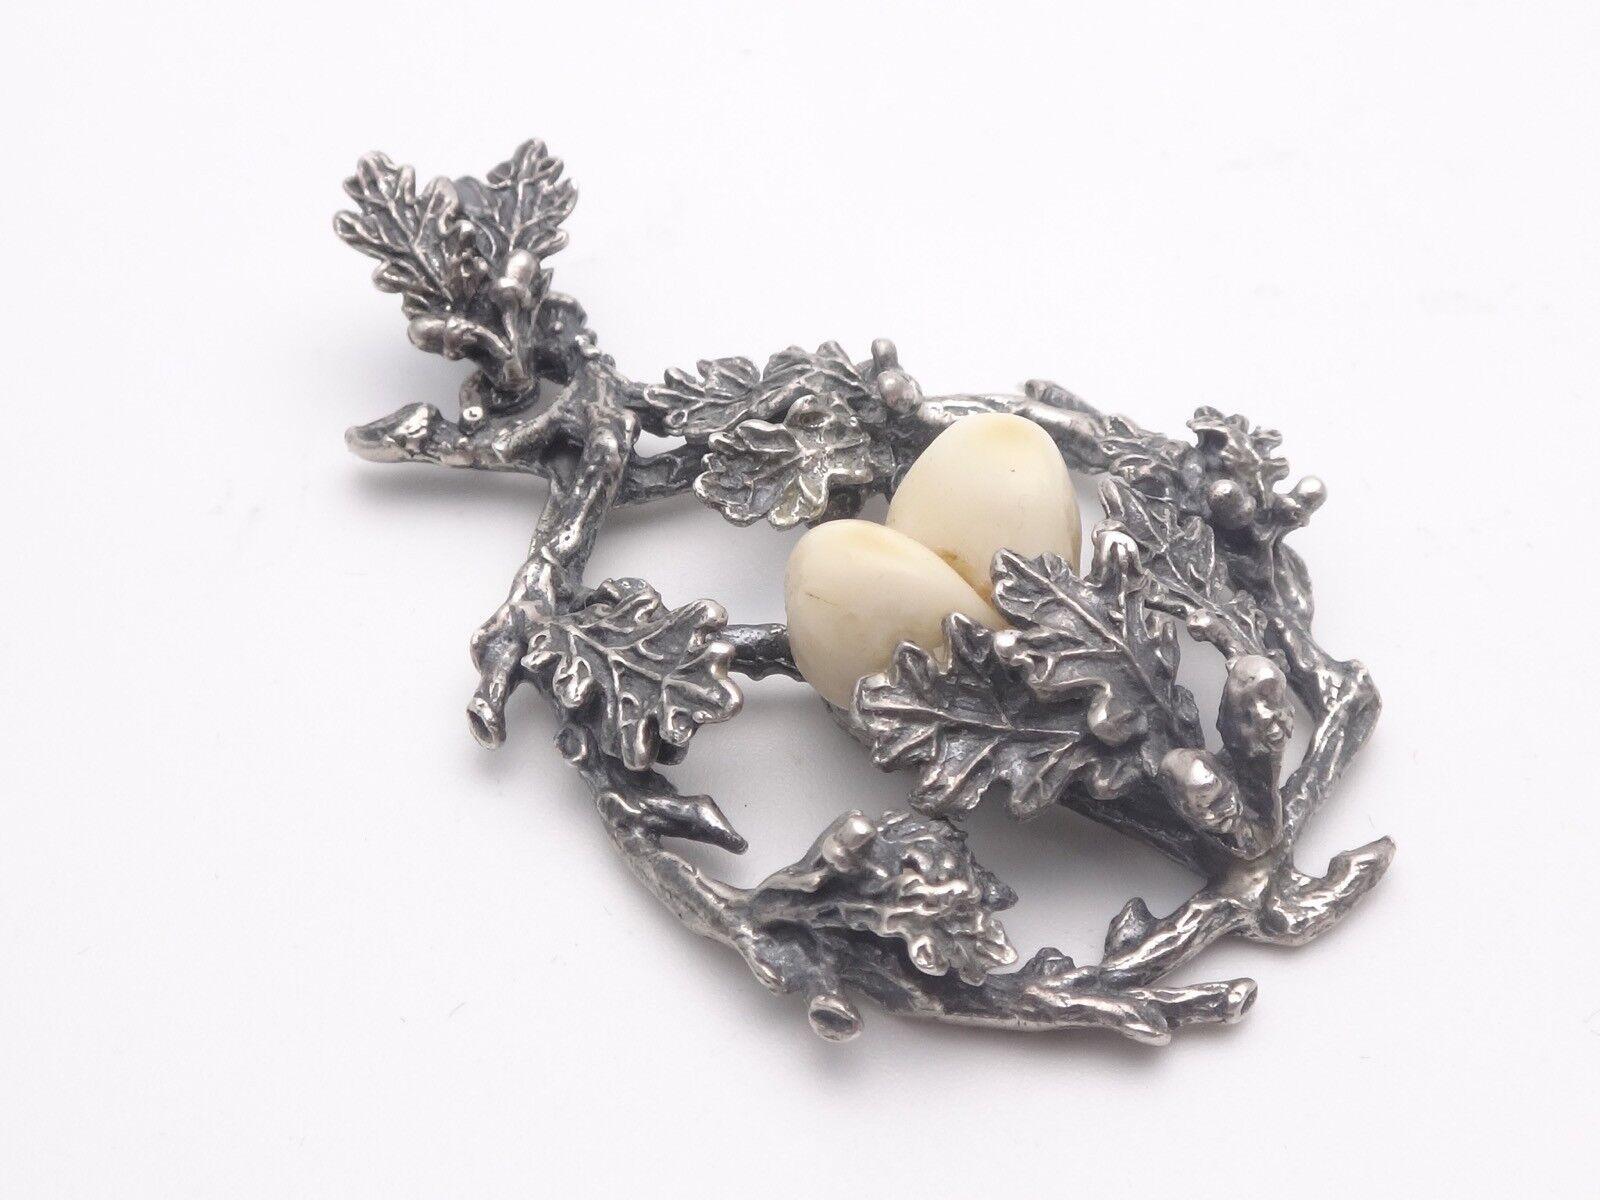 Ancien grand pendentif de chasse argent argent argent massif dents de cerf venerie trophée cda173